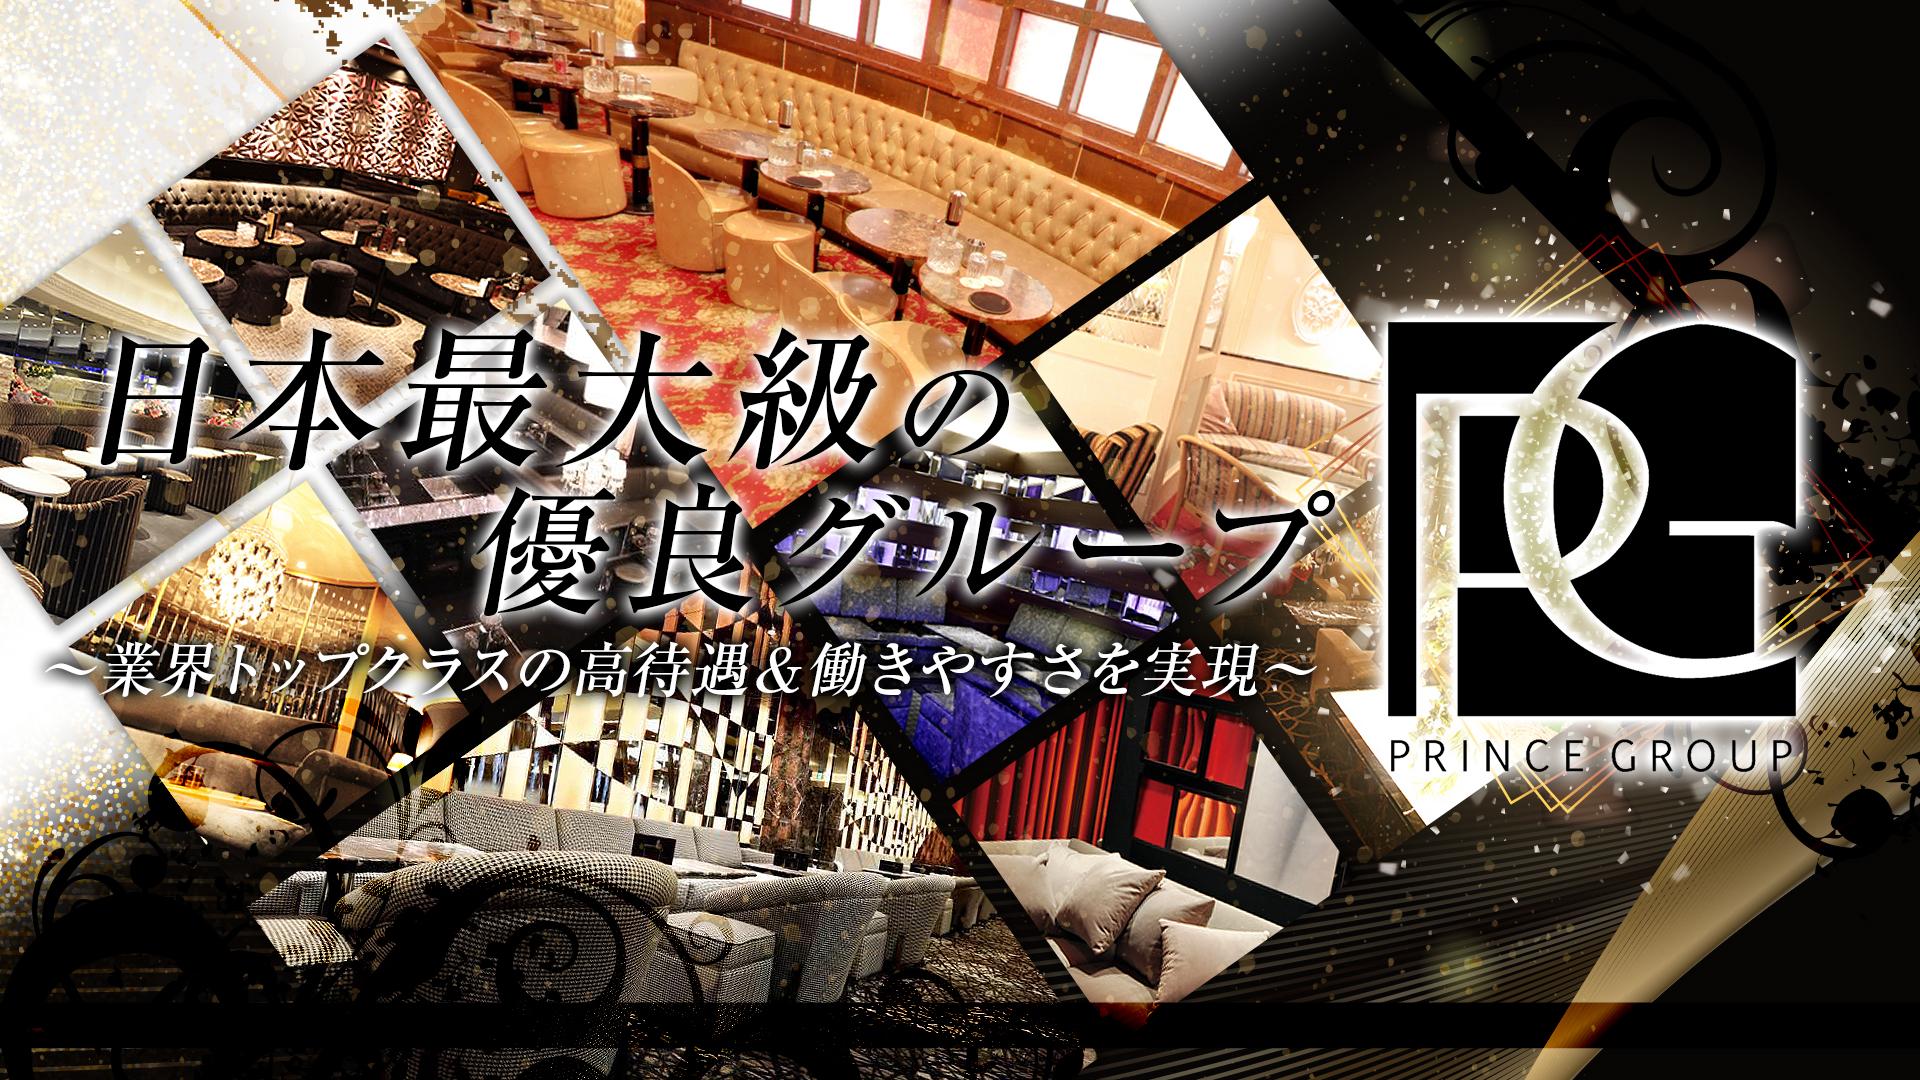 日本最大級の優良グループ「プリンスグループ」~業界トップクラスの高待遇&働きやすさを実現~